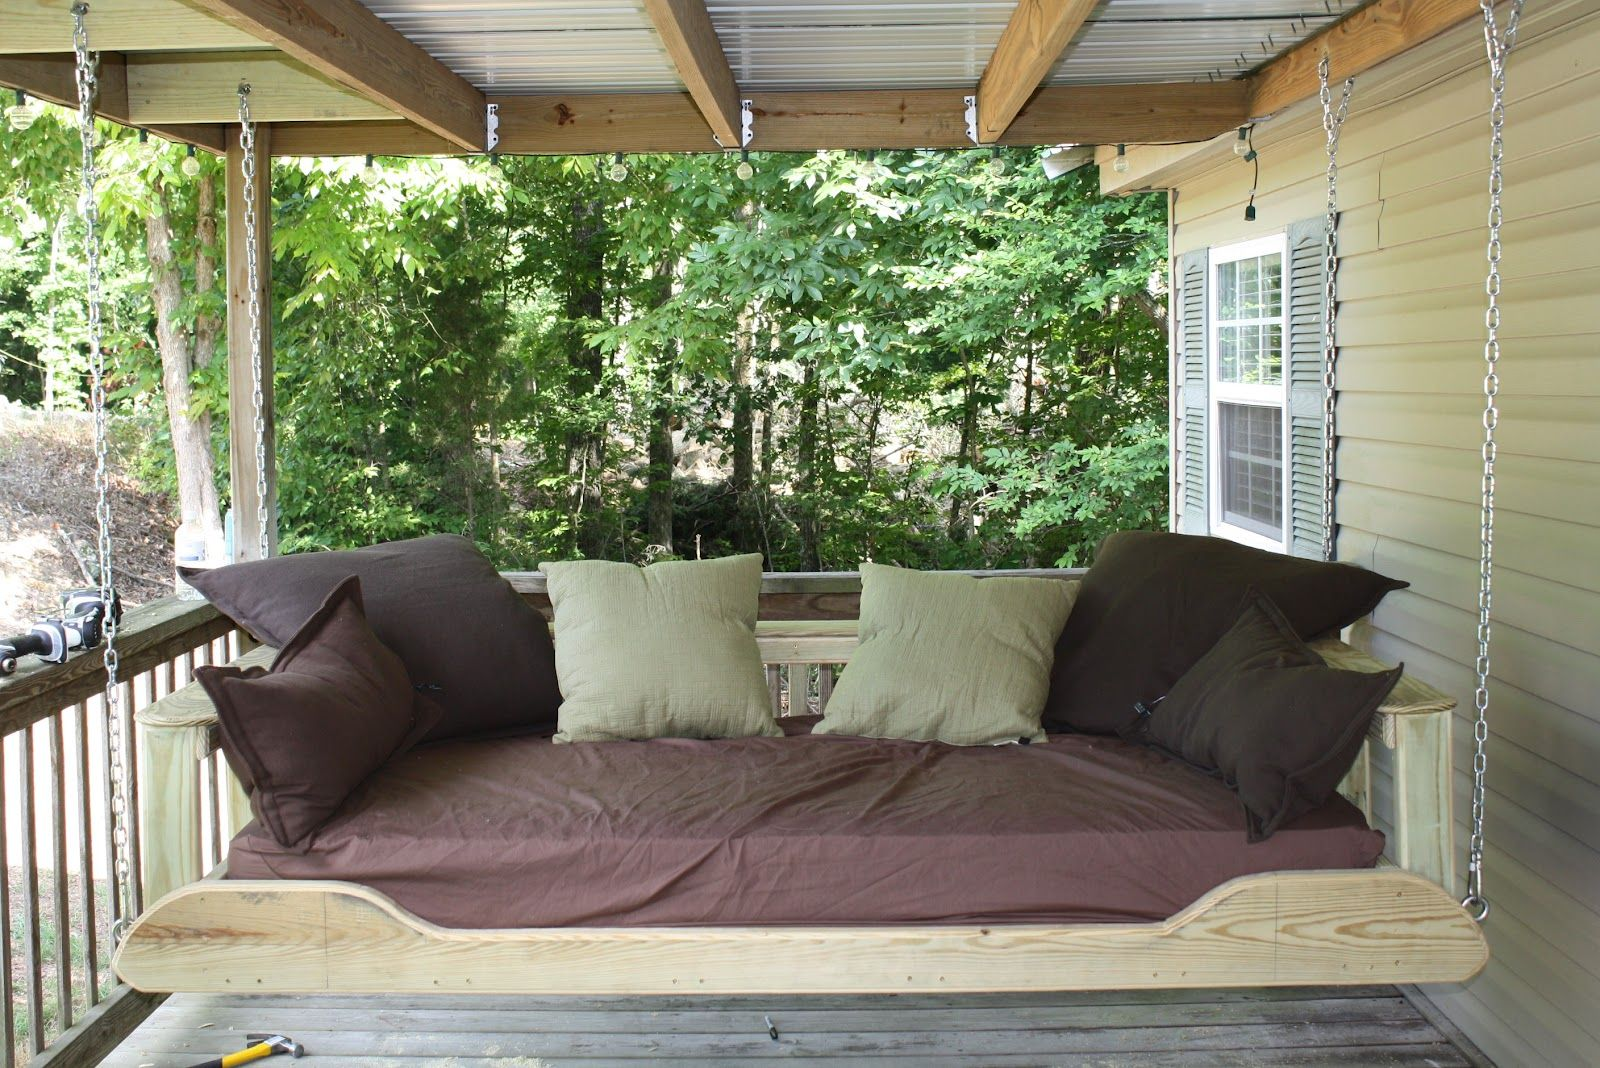 Outdoor Swing Bed Plans Outdoor Bed Swing Diy Porch Swing Bed Porch Swing Bed